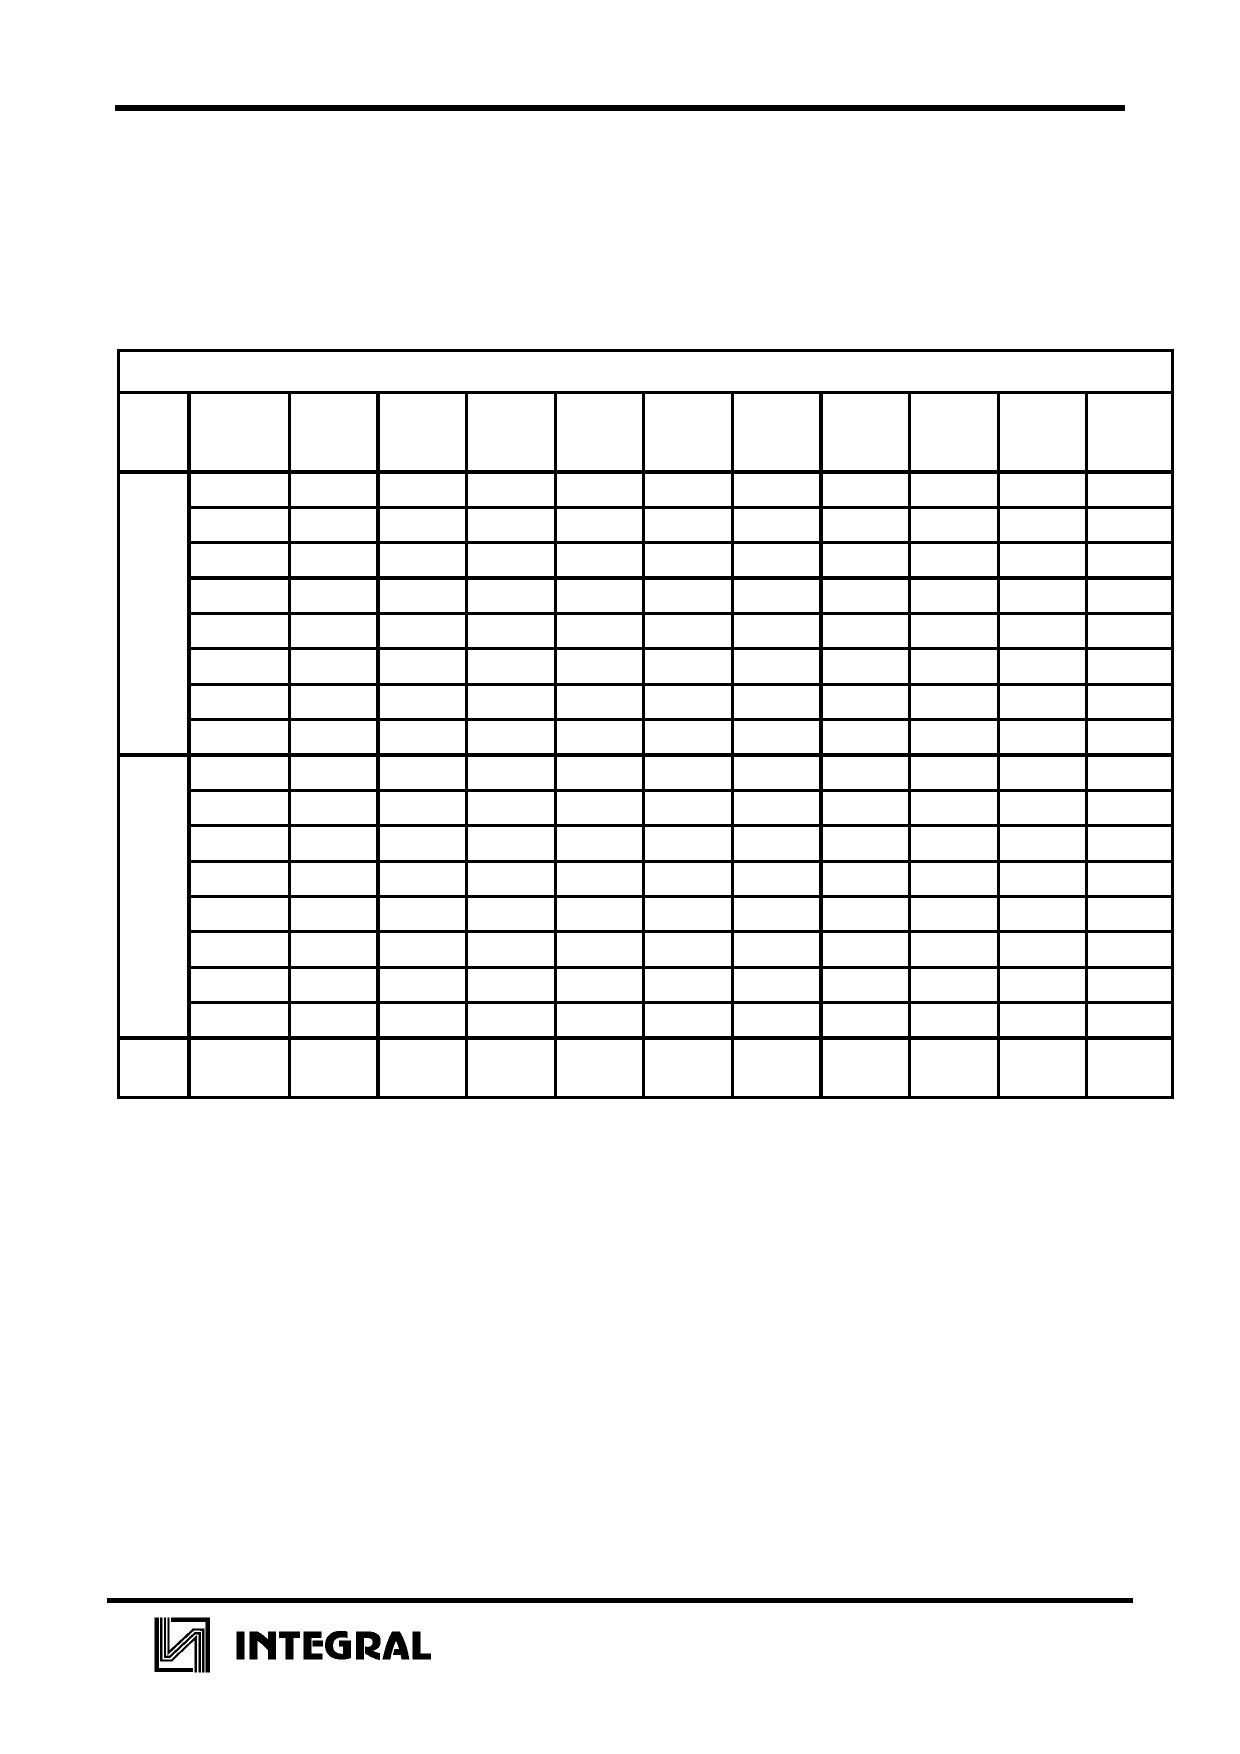 IZ7013 pdf, datenblatt